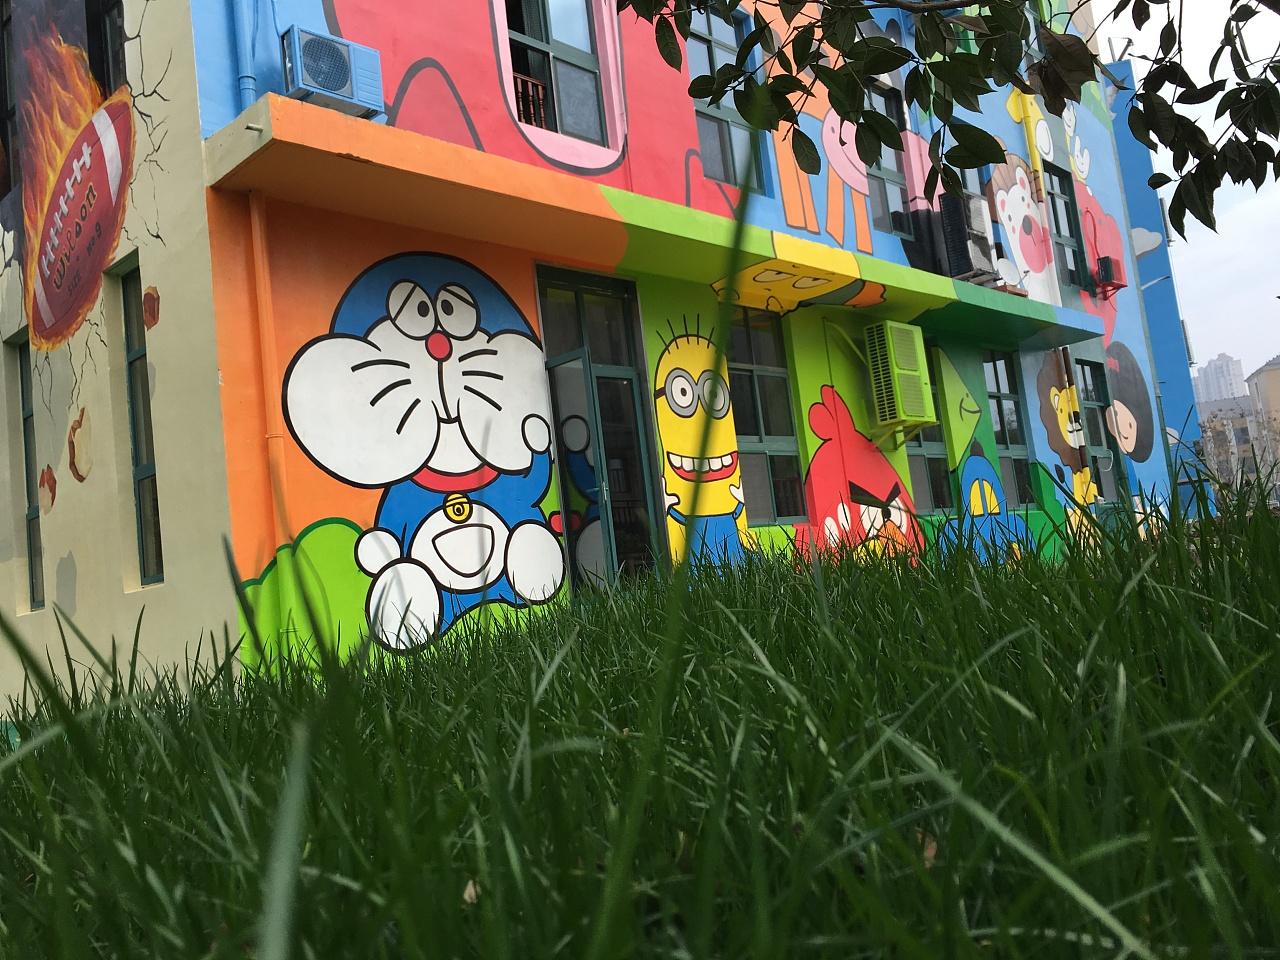 新空间墙绘艺术装饰, 墙绘学校 彩绘幼儿园图片